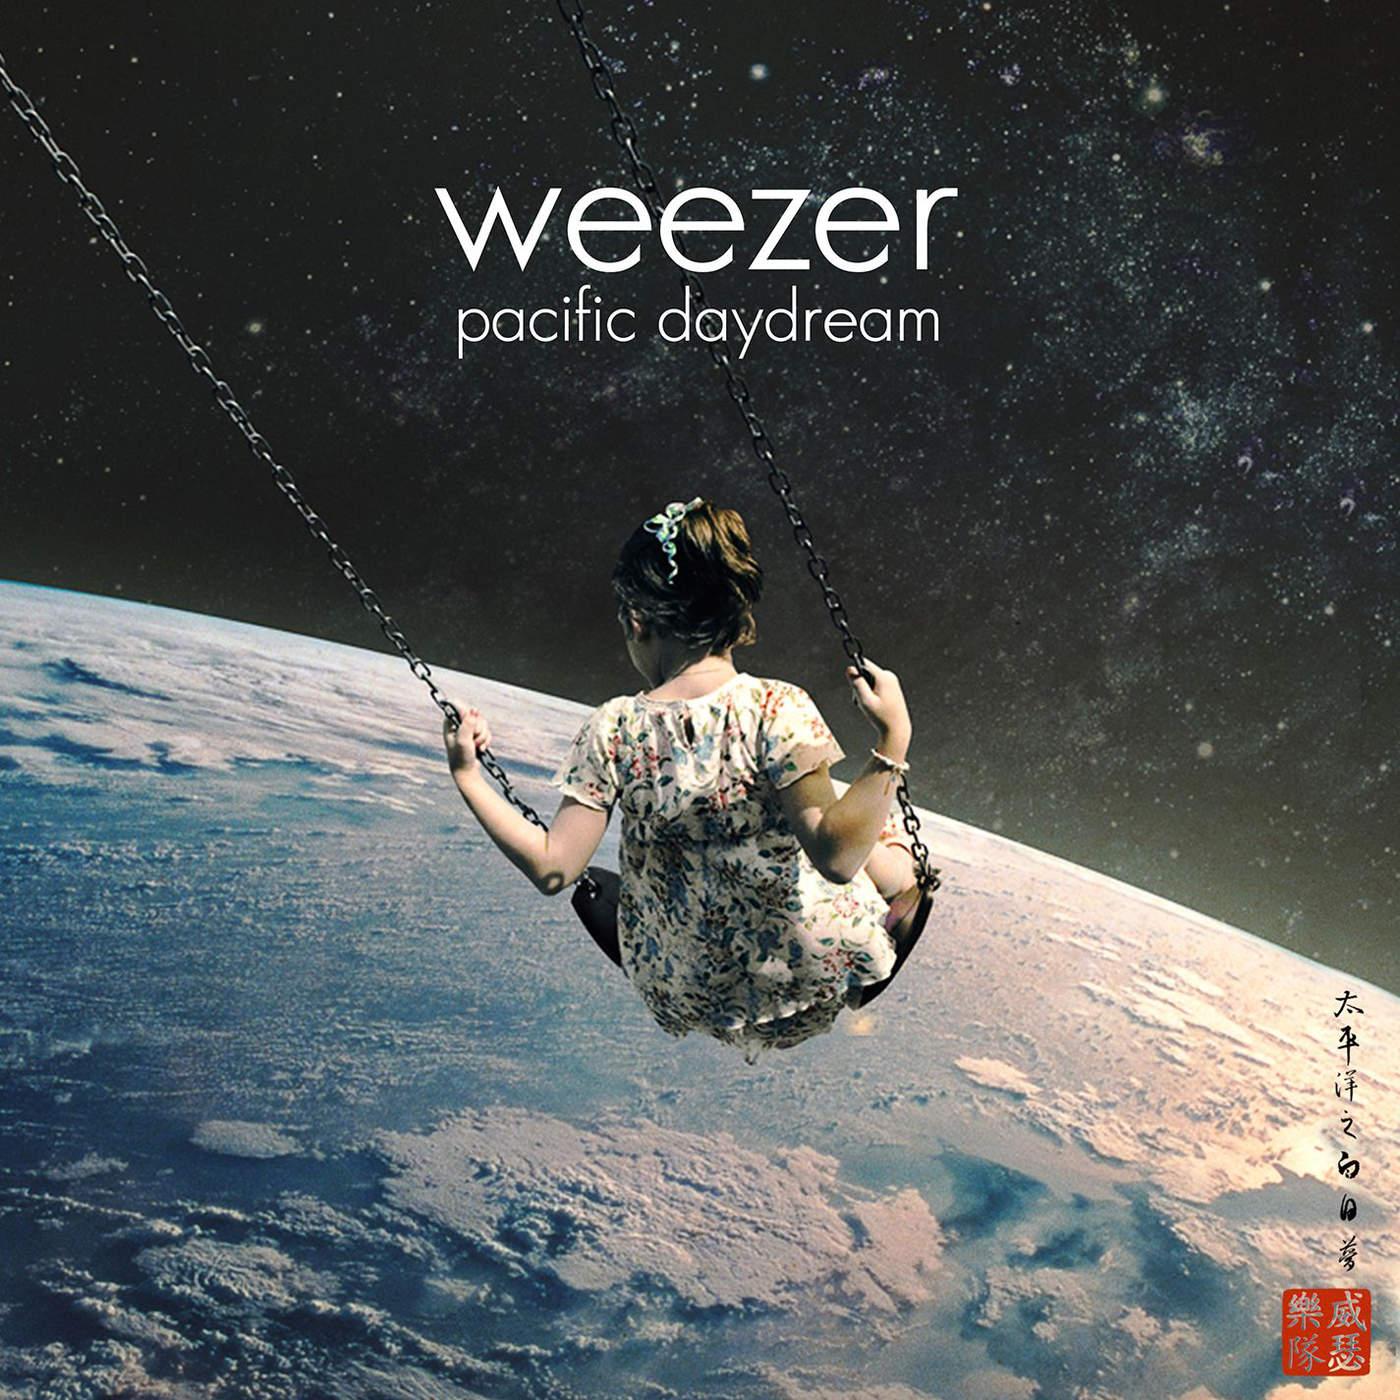 Weezer - Happy Hour - Single